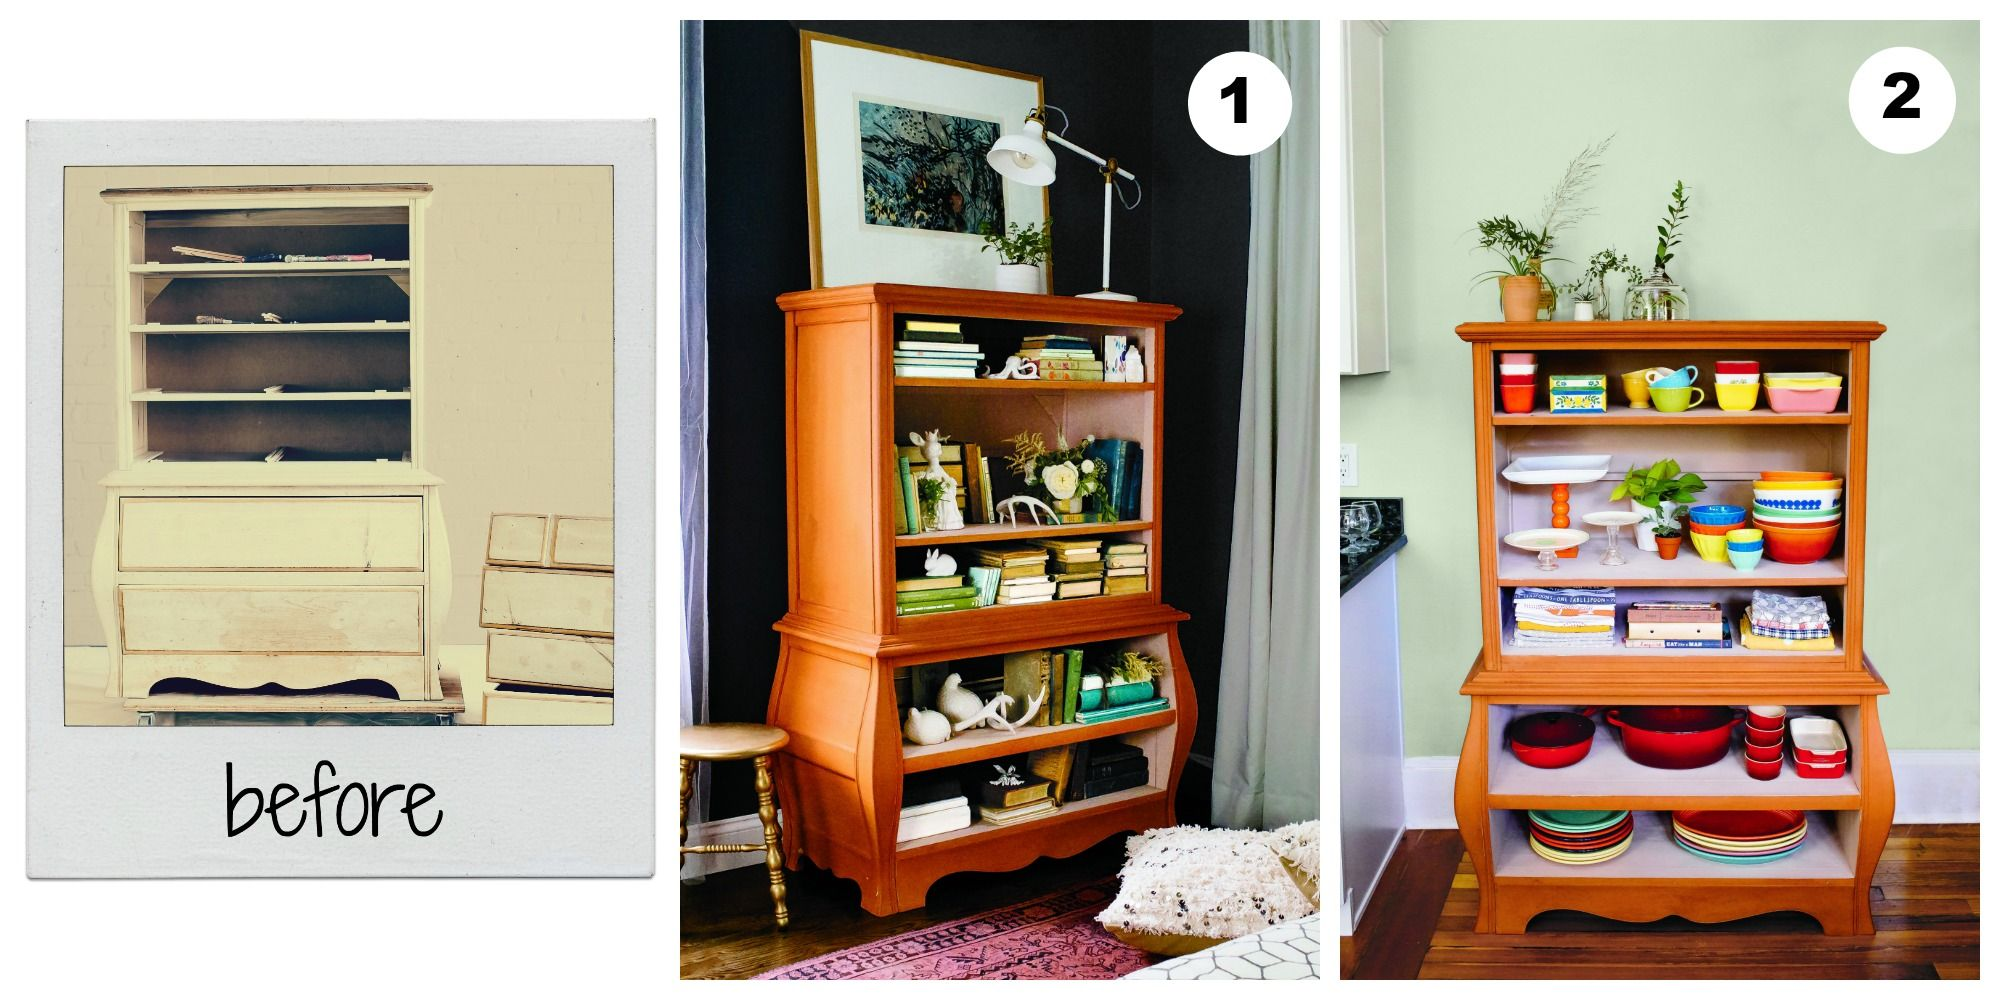 Furniture DIY makeover